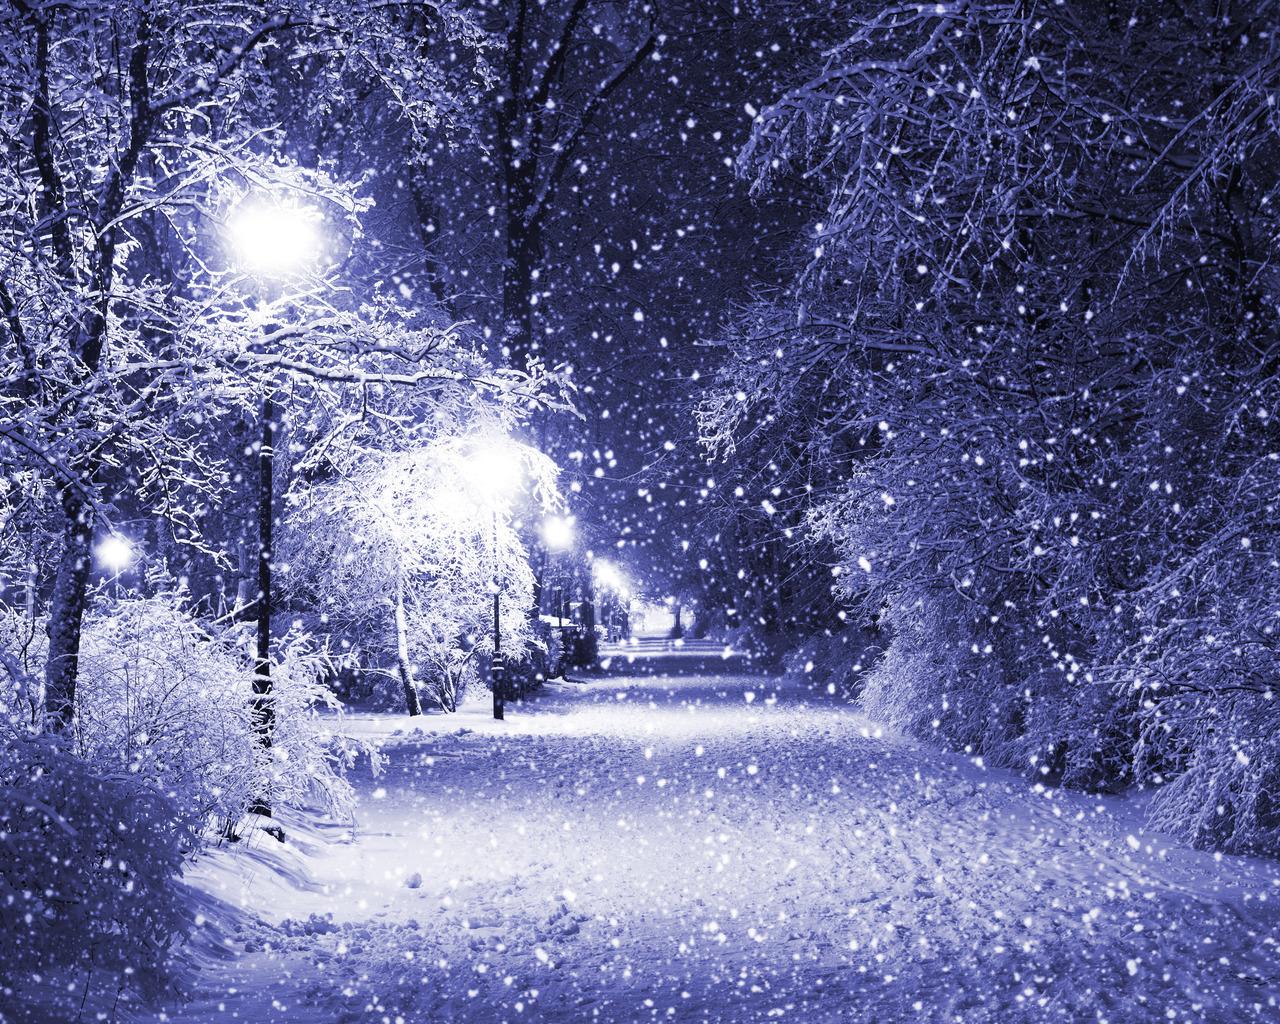 48649 Hintergrundbild 540x960 kostenlos auf deinem Handy, lade Bilder Landschaft, Natur, Schnee 540x960 auf dein Handy herunter